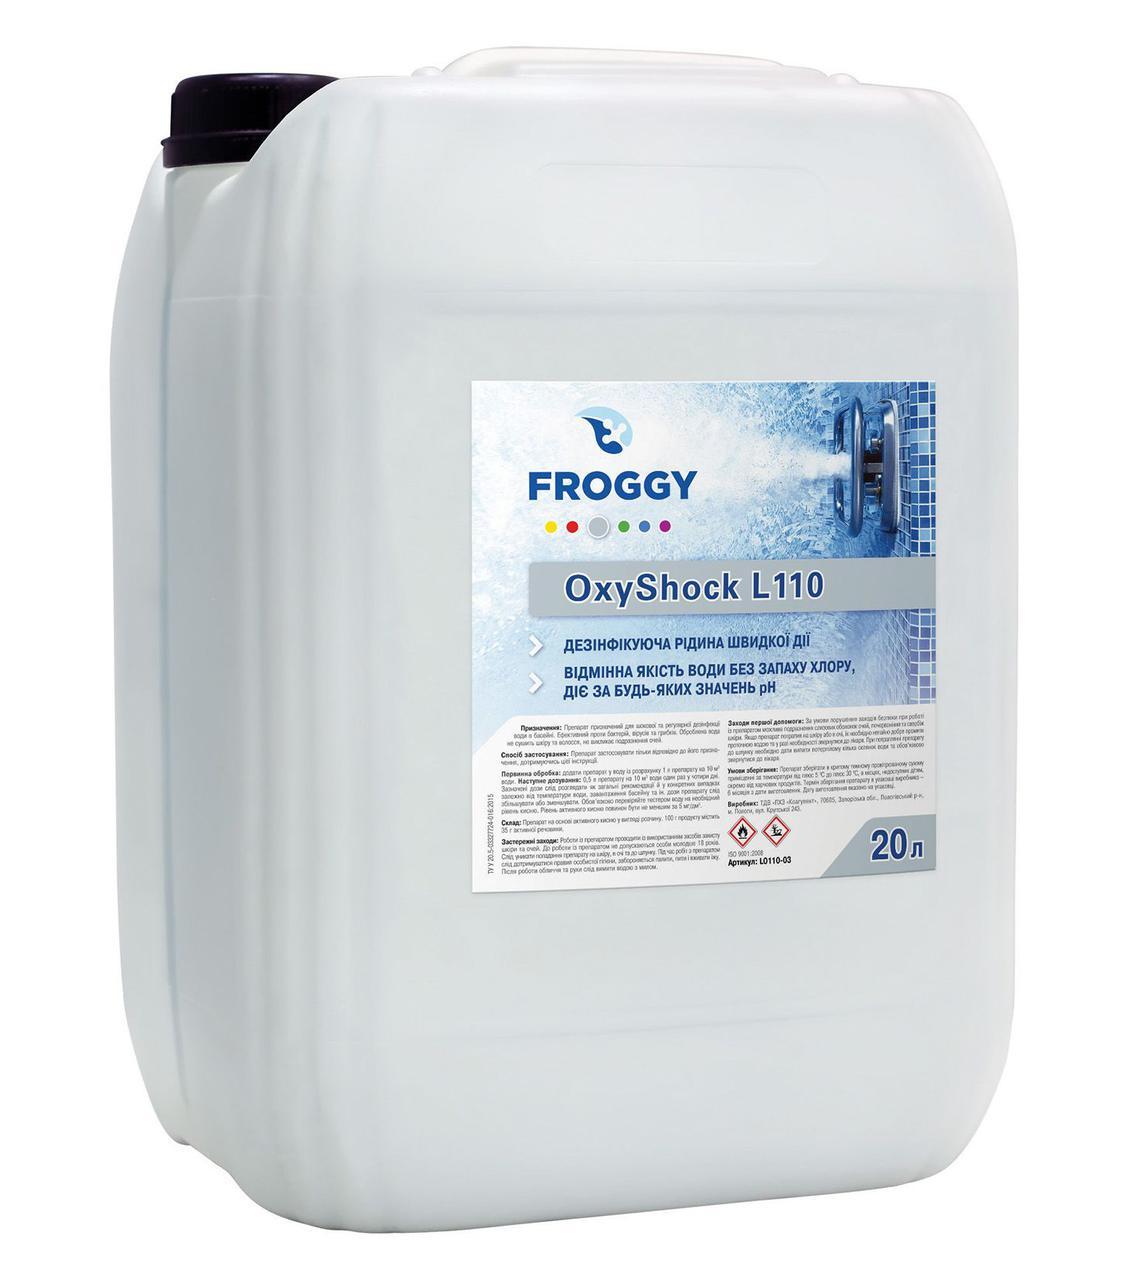 Активный кислород шокового действия Froggy OxyShock L110 (20 л). Жидкость для дезинфекции бассейна